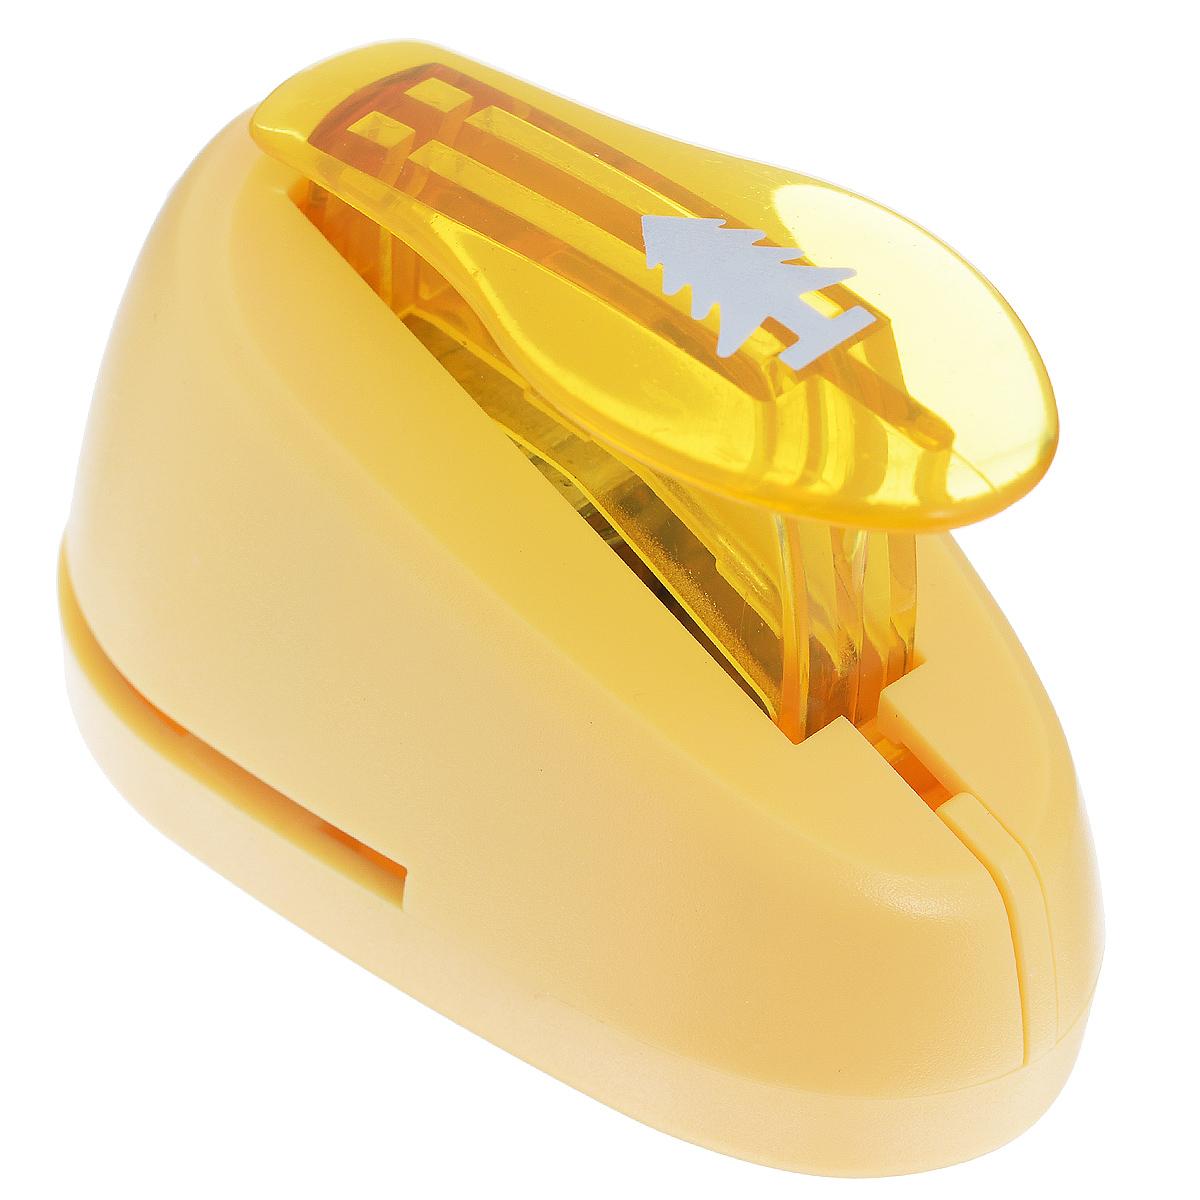 Дырокол фигурный Астра Елка. CD-99S7709603_49Дырокол Астра Елка поможет вам легко, просто и аккуратно вырезать много одинаковых мелких фигурок. Режущие части компостера закрыты пластмассовым корпусом, что обеспечивает безопасность для детей. Вырезанные фигурки накапливаются в специальном резервуаре. Можно использовать вырезанные мотивы как конфетти или для наклеивания. Дырокол подходит для разных техник: декупажа, скрапбукинга, декорирования. Размер дырокола: 7 см х 4 см х 5 см. Размер готовой фигурки: 1,5 с